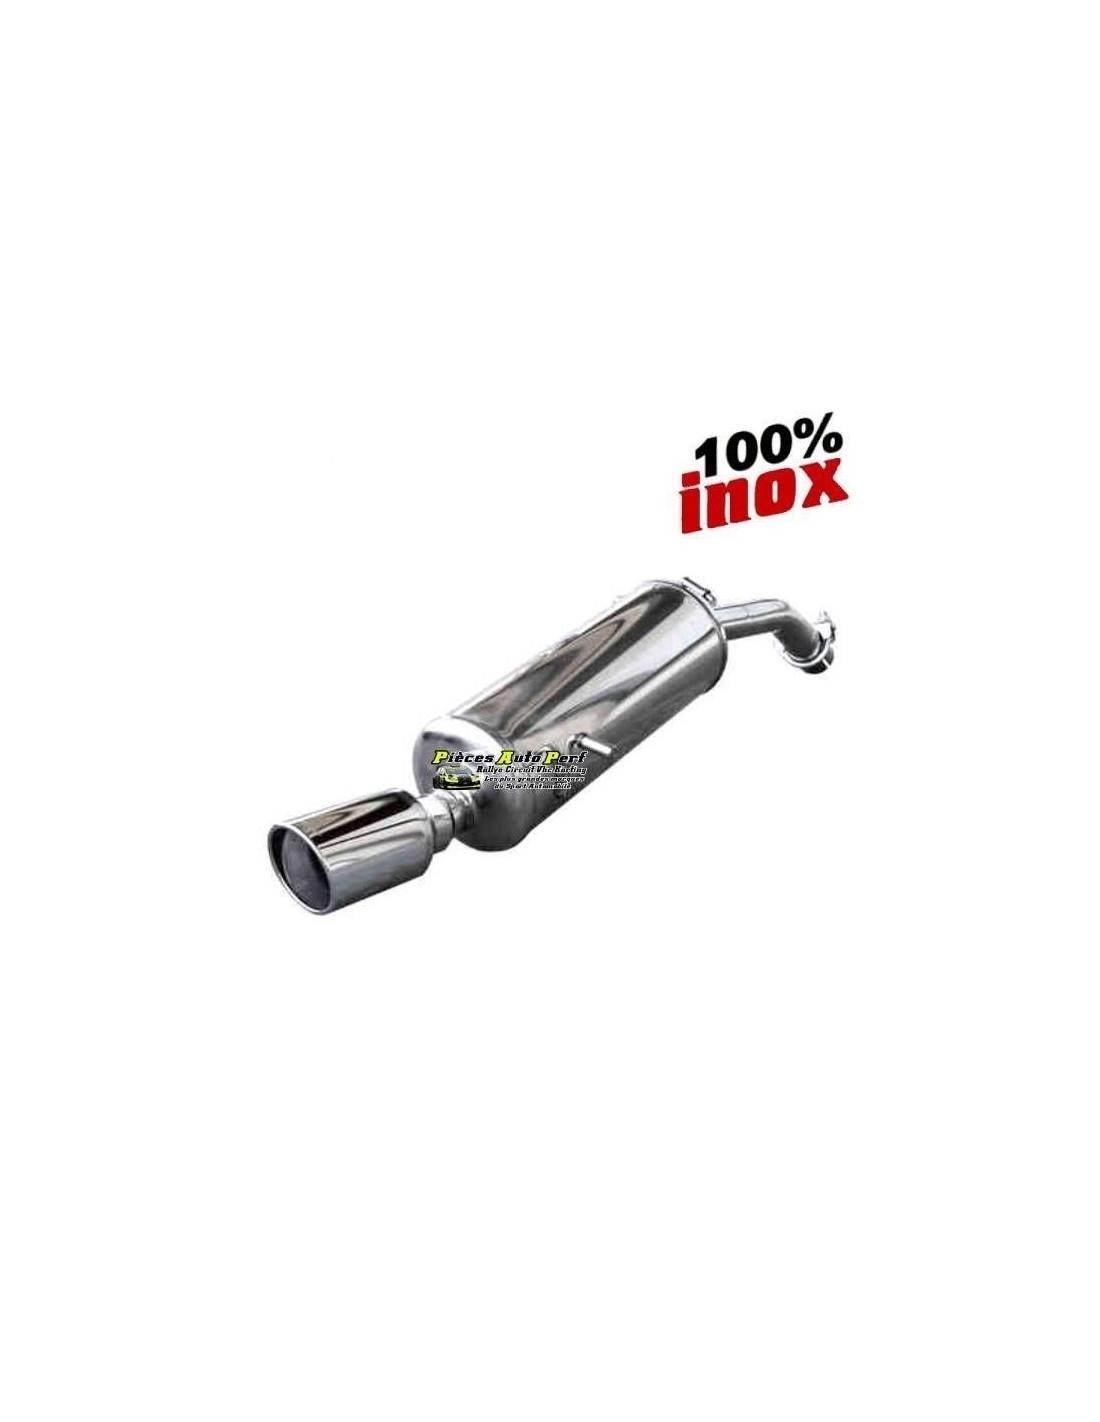 Silencieux sportif inox simple sortie X-Race 90mm Opel